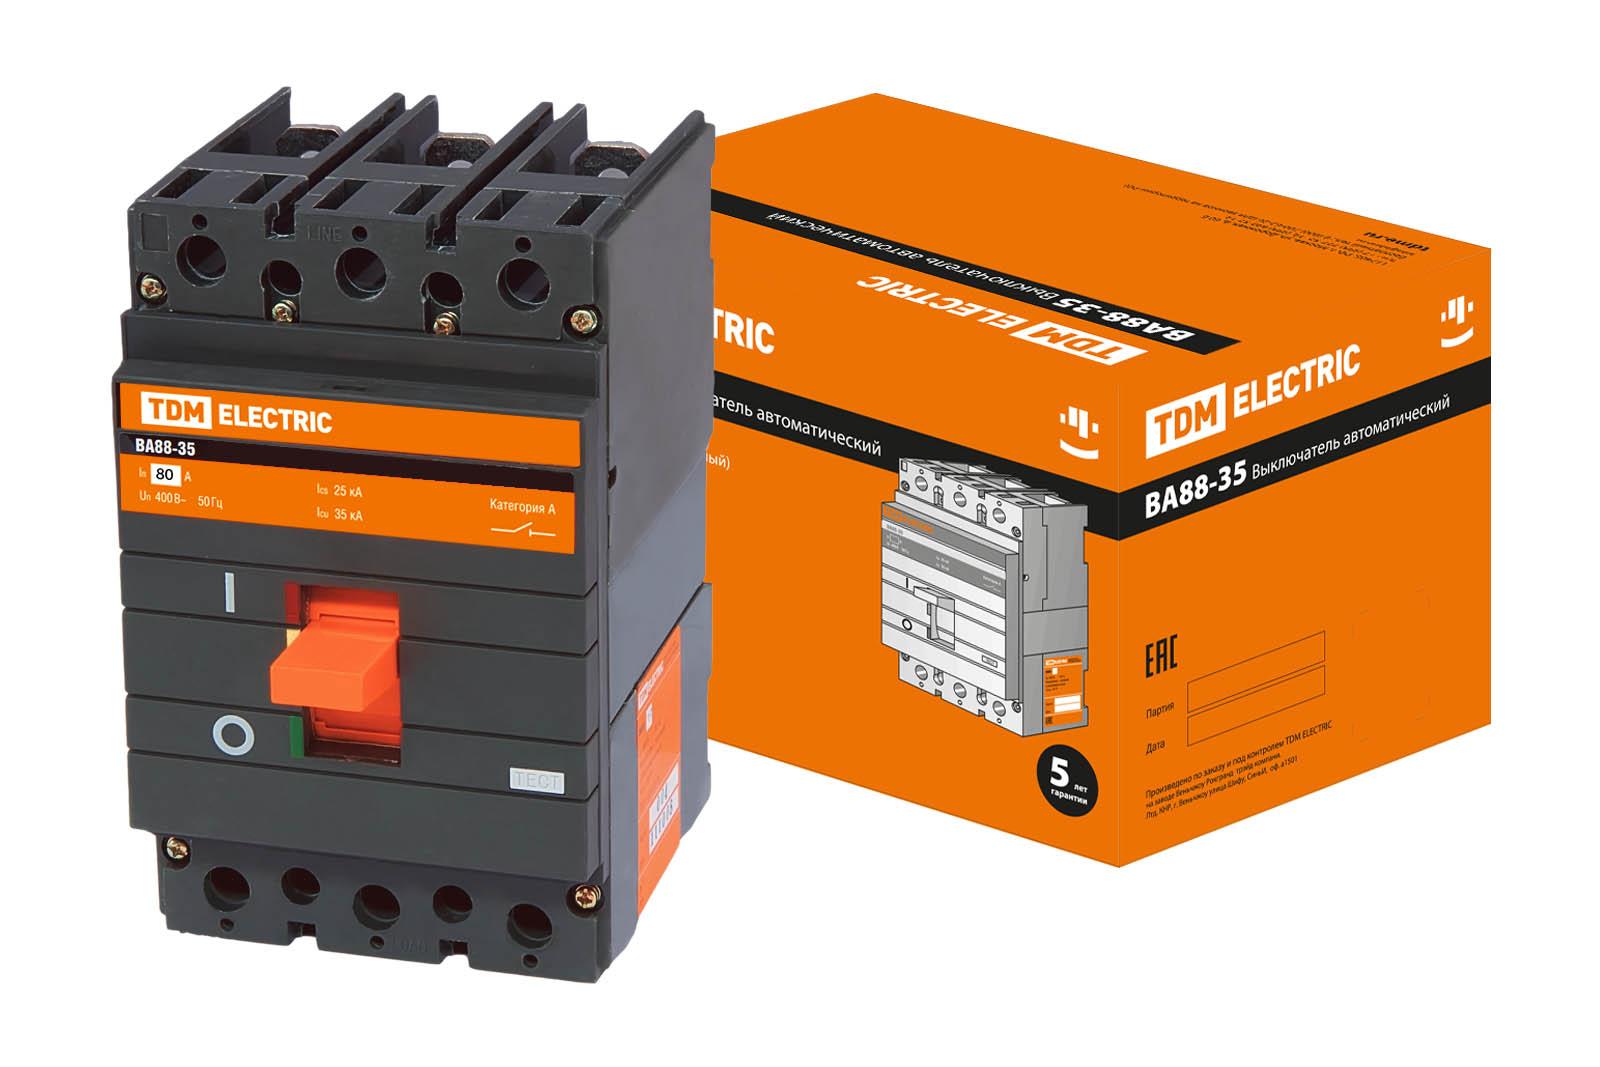 Автомат ТДМАвтоматические выключатели<br>Номинальный ток: 80,<br>Тип выключателя: автомат,<br>Количество полюсов: 3,<br>Степень защиты от пыли и влаги: IP 20<br>